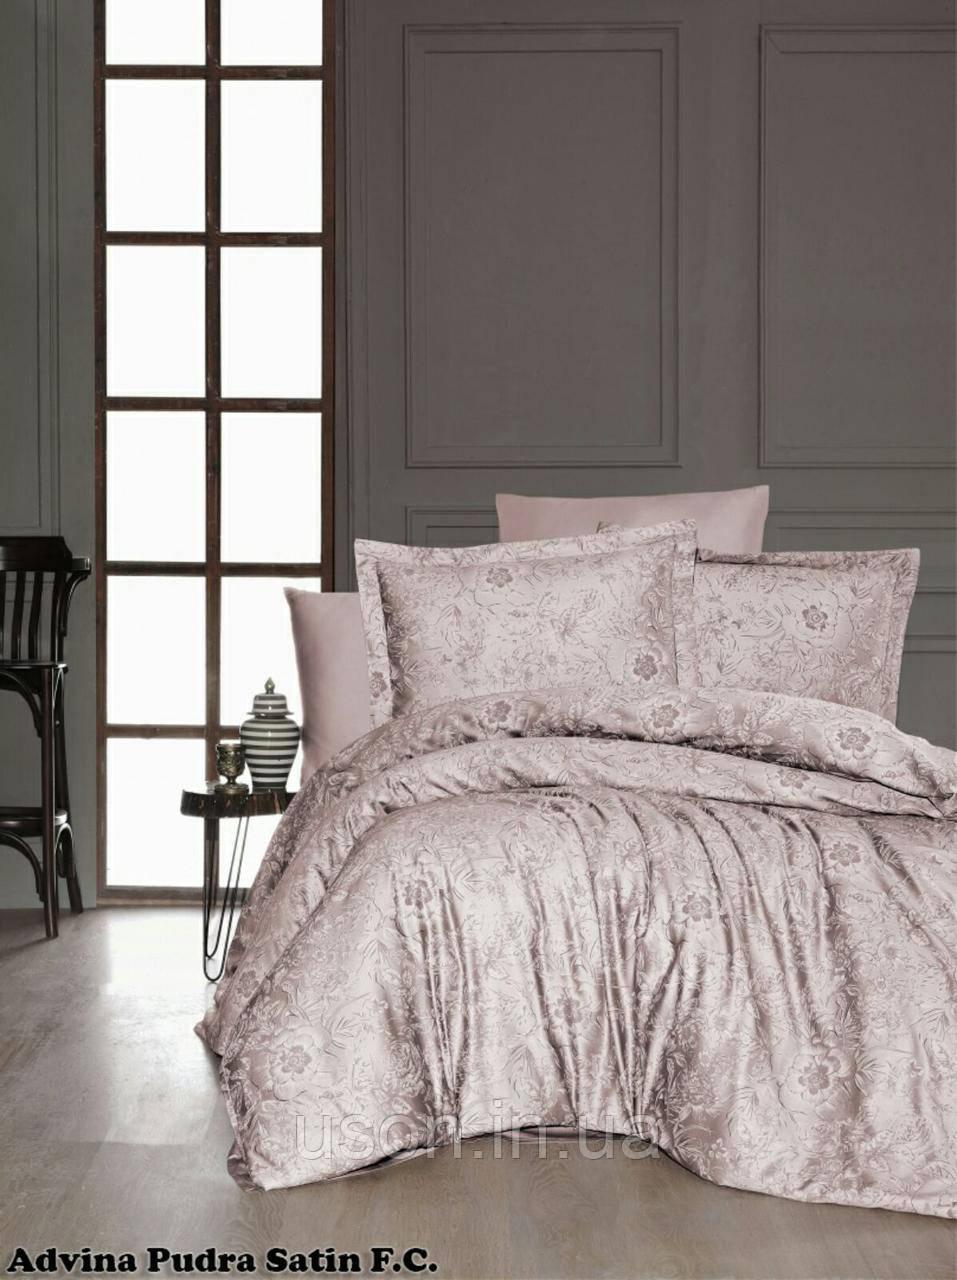 Комплект постельного белья сатин First Choice Advina Pudra